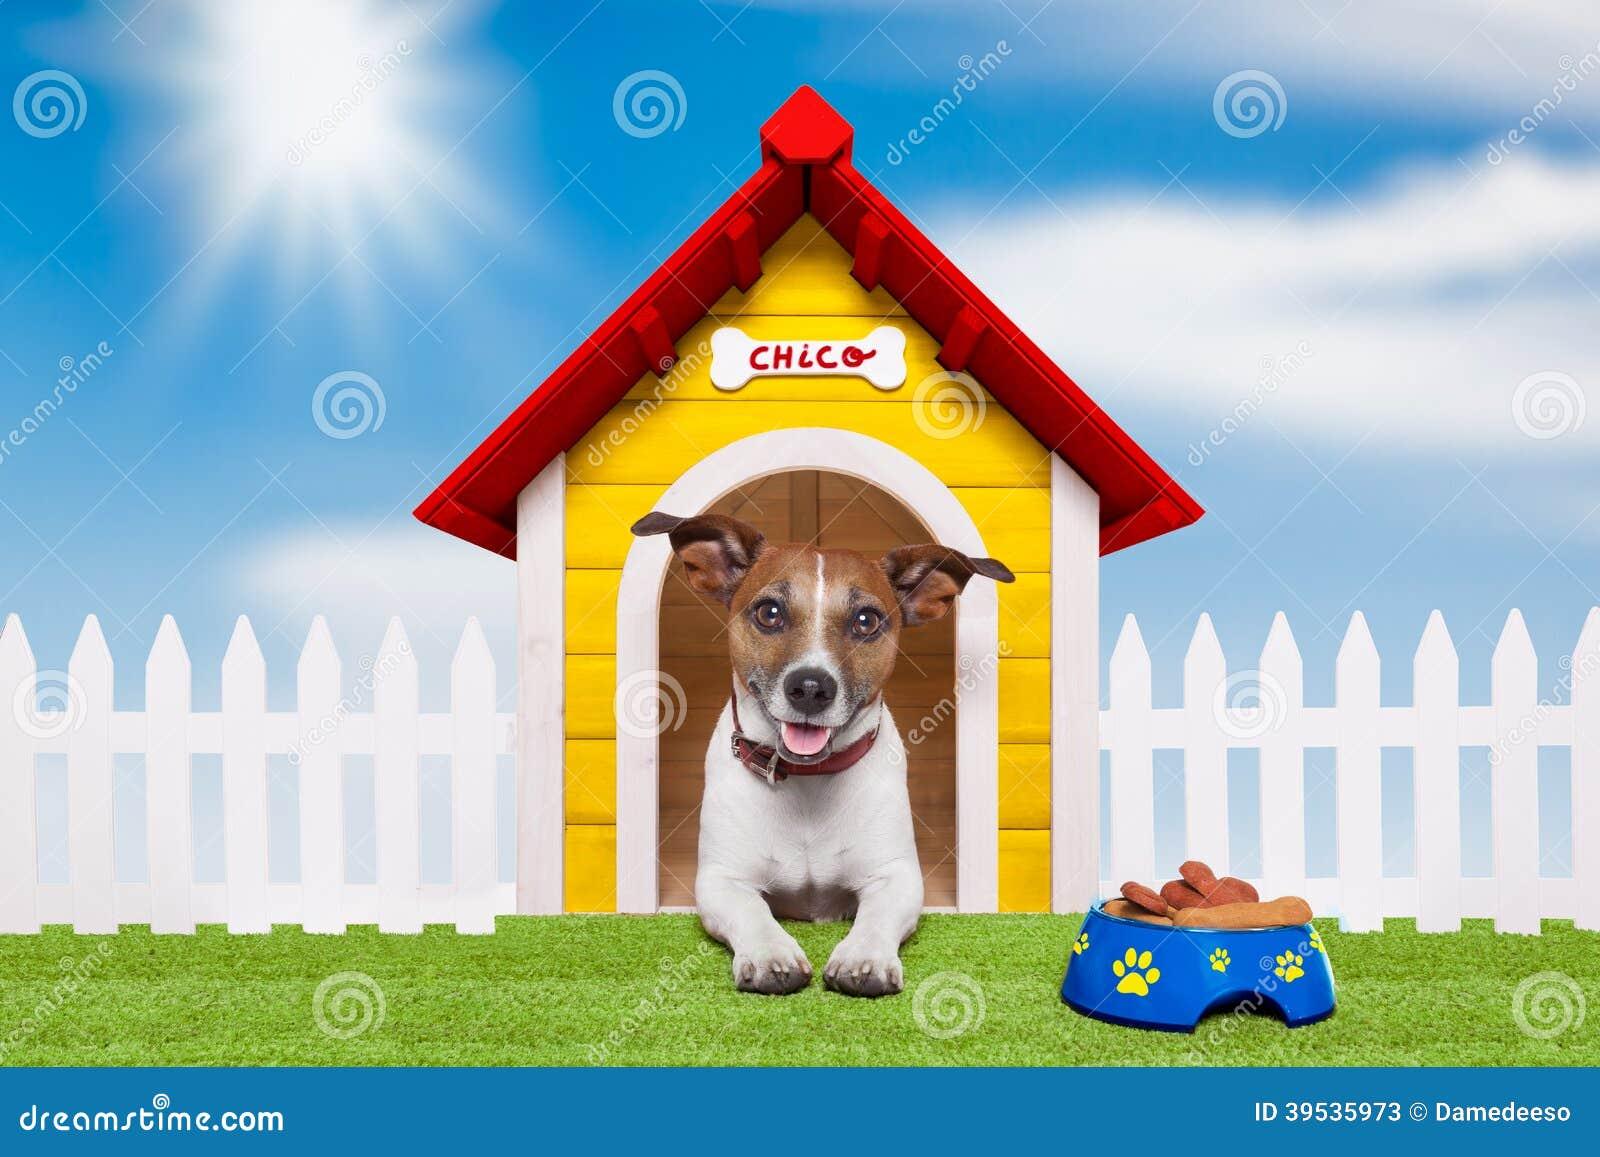 Maison douce à la maison